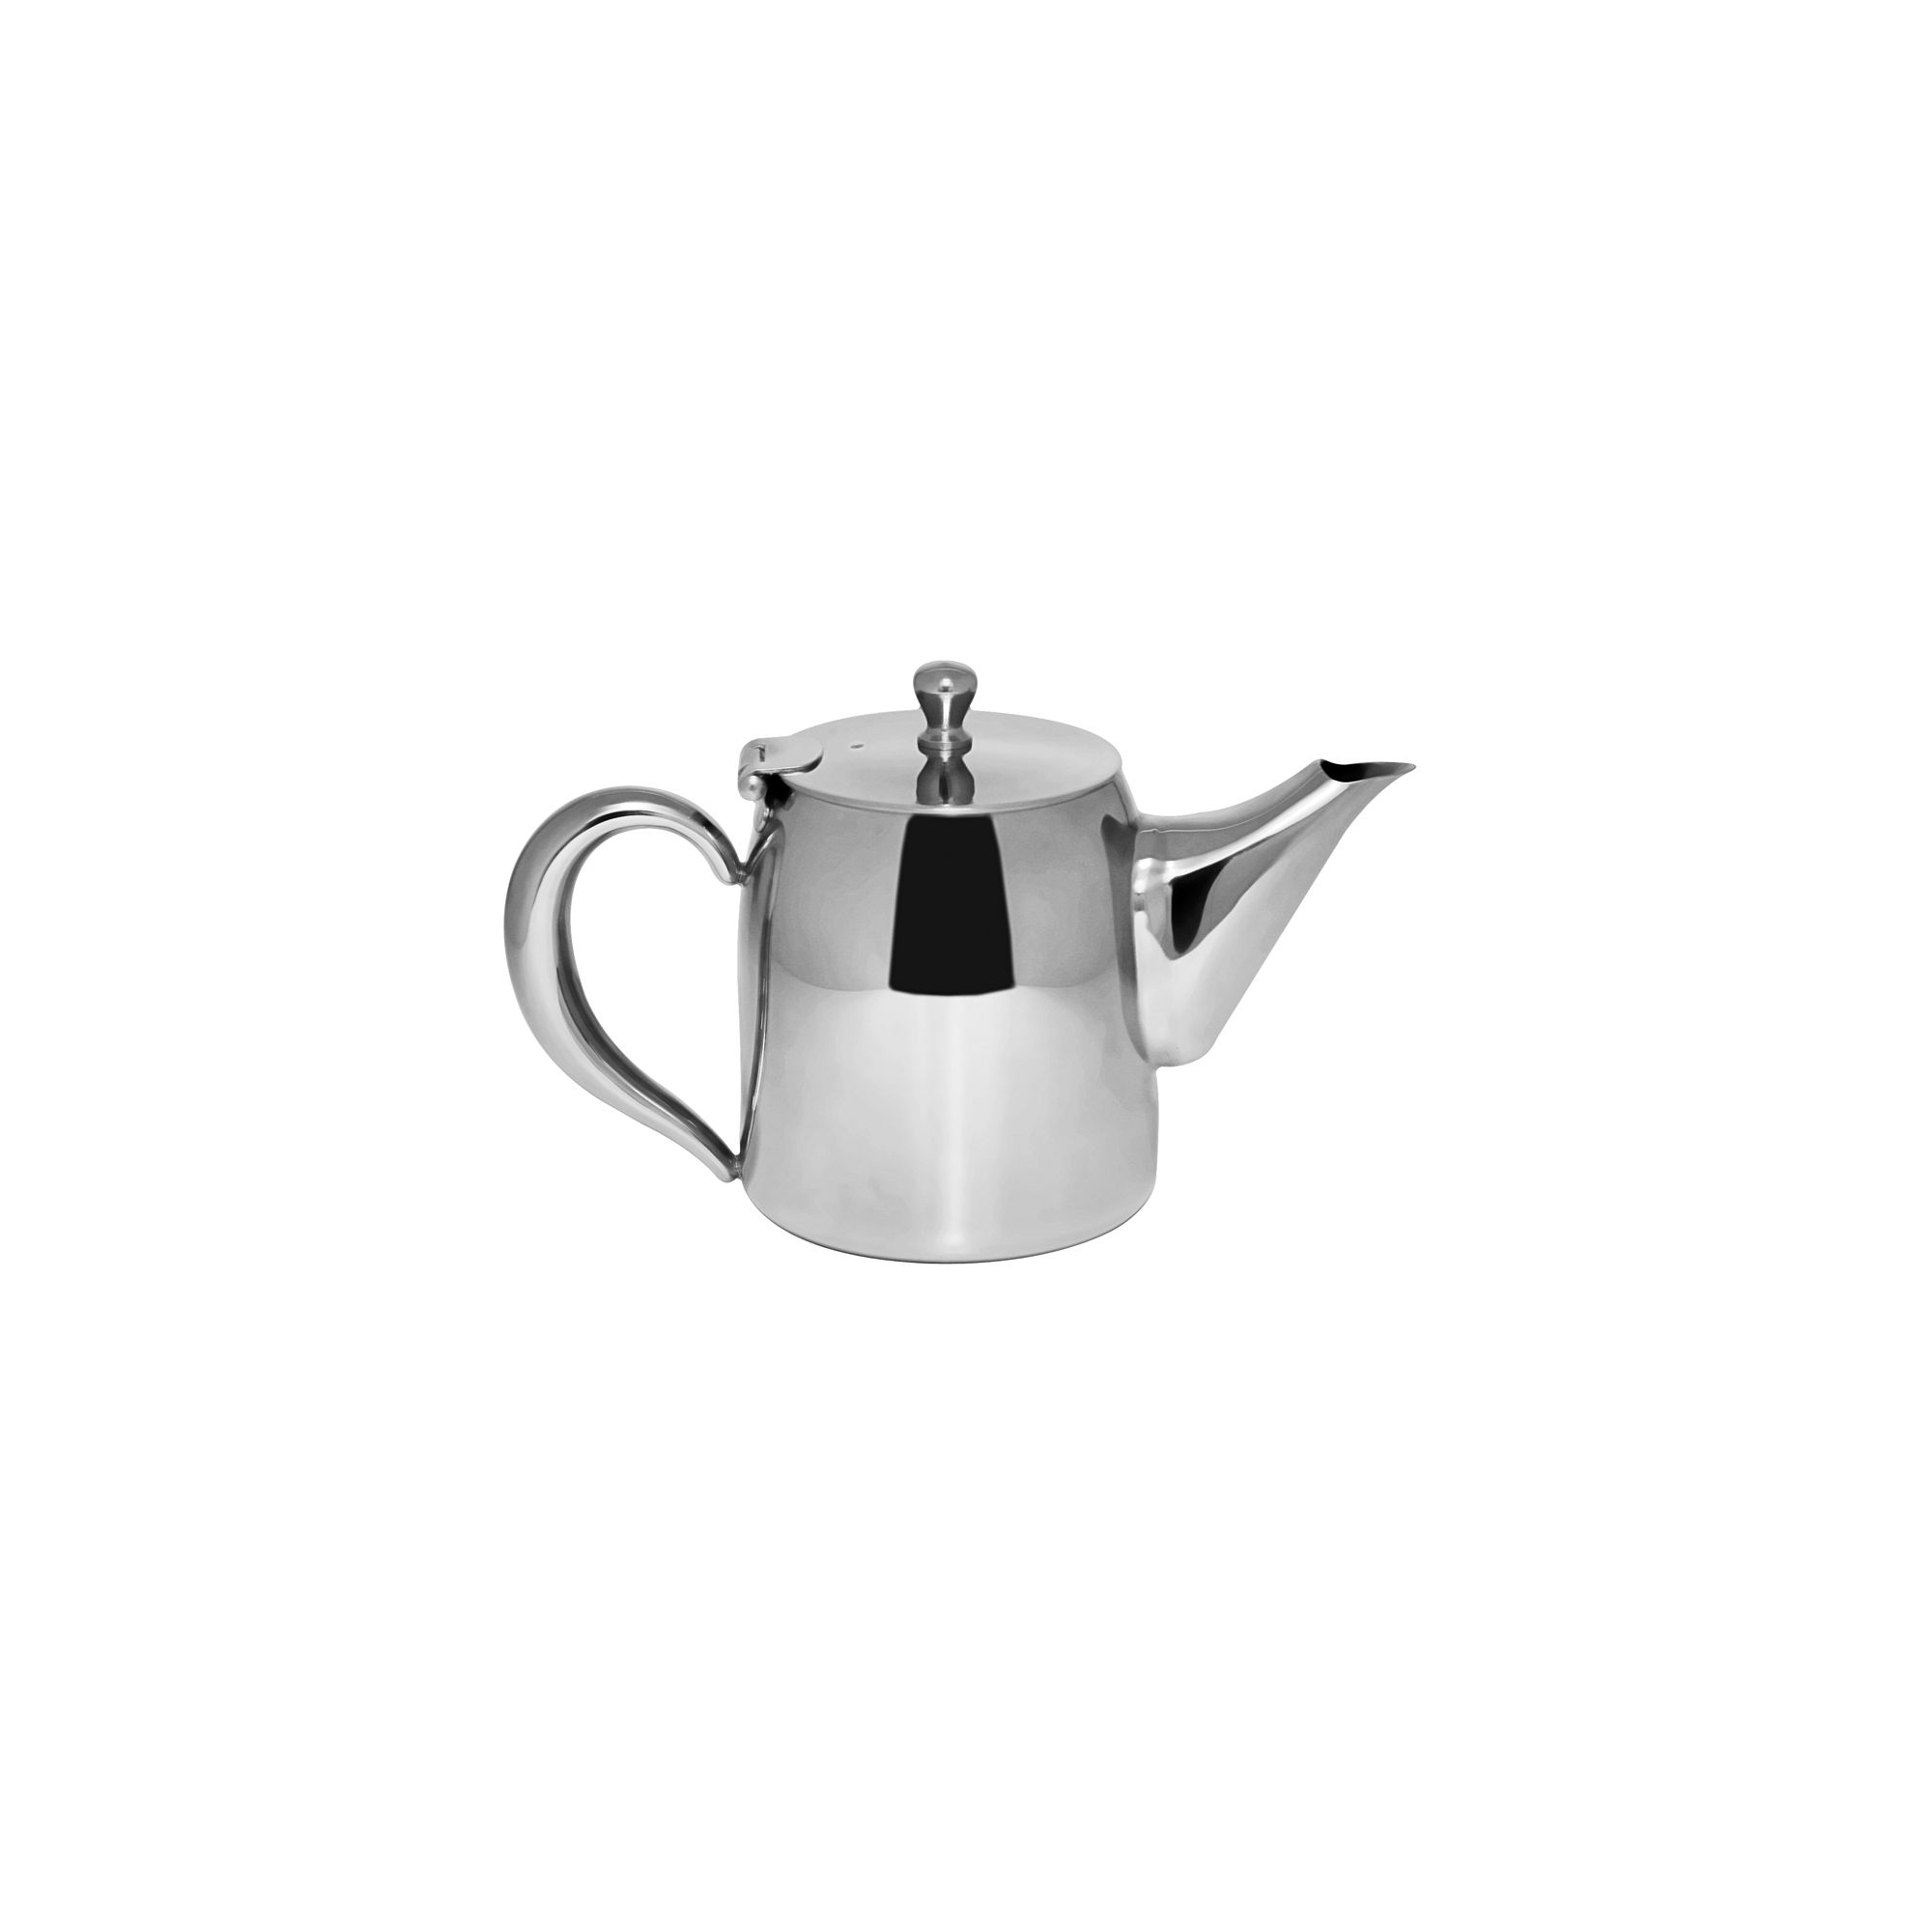 Sabichi 95268 S/S Teapot 35Oz (2 Cup)